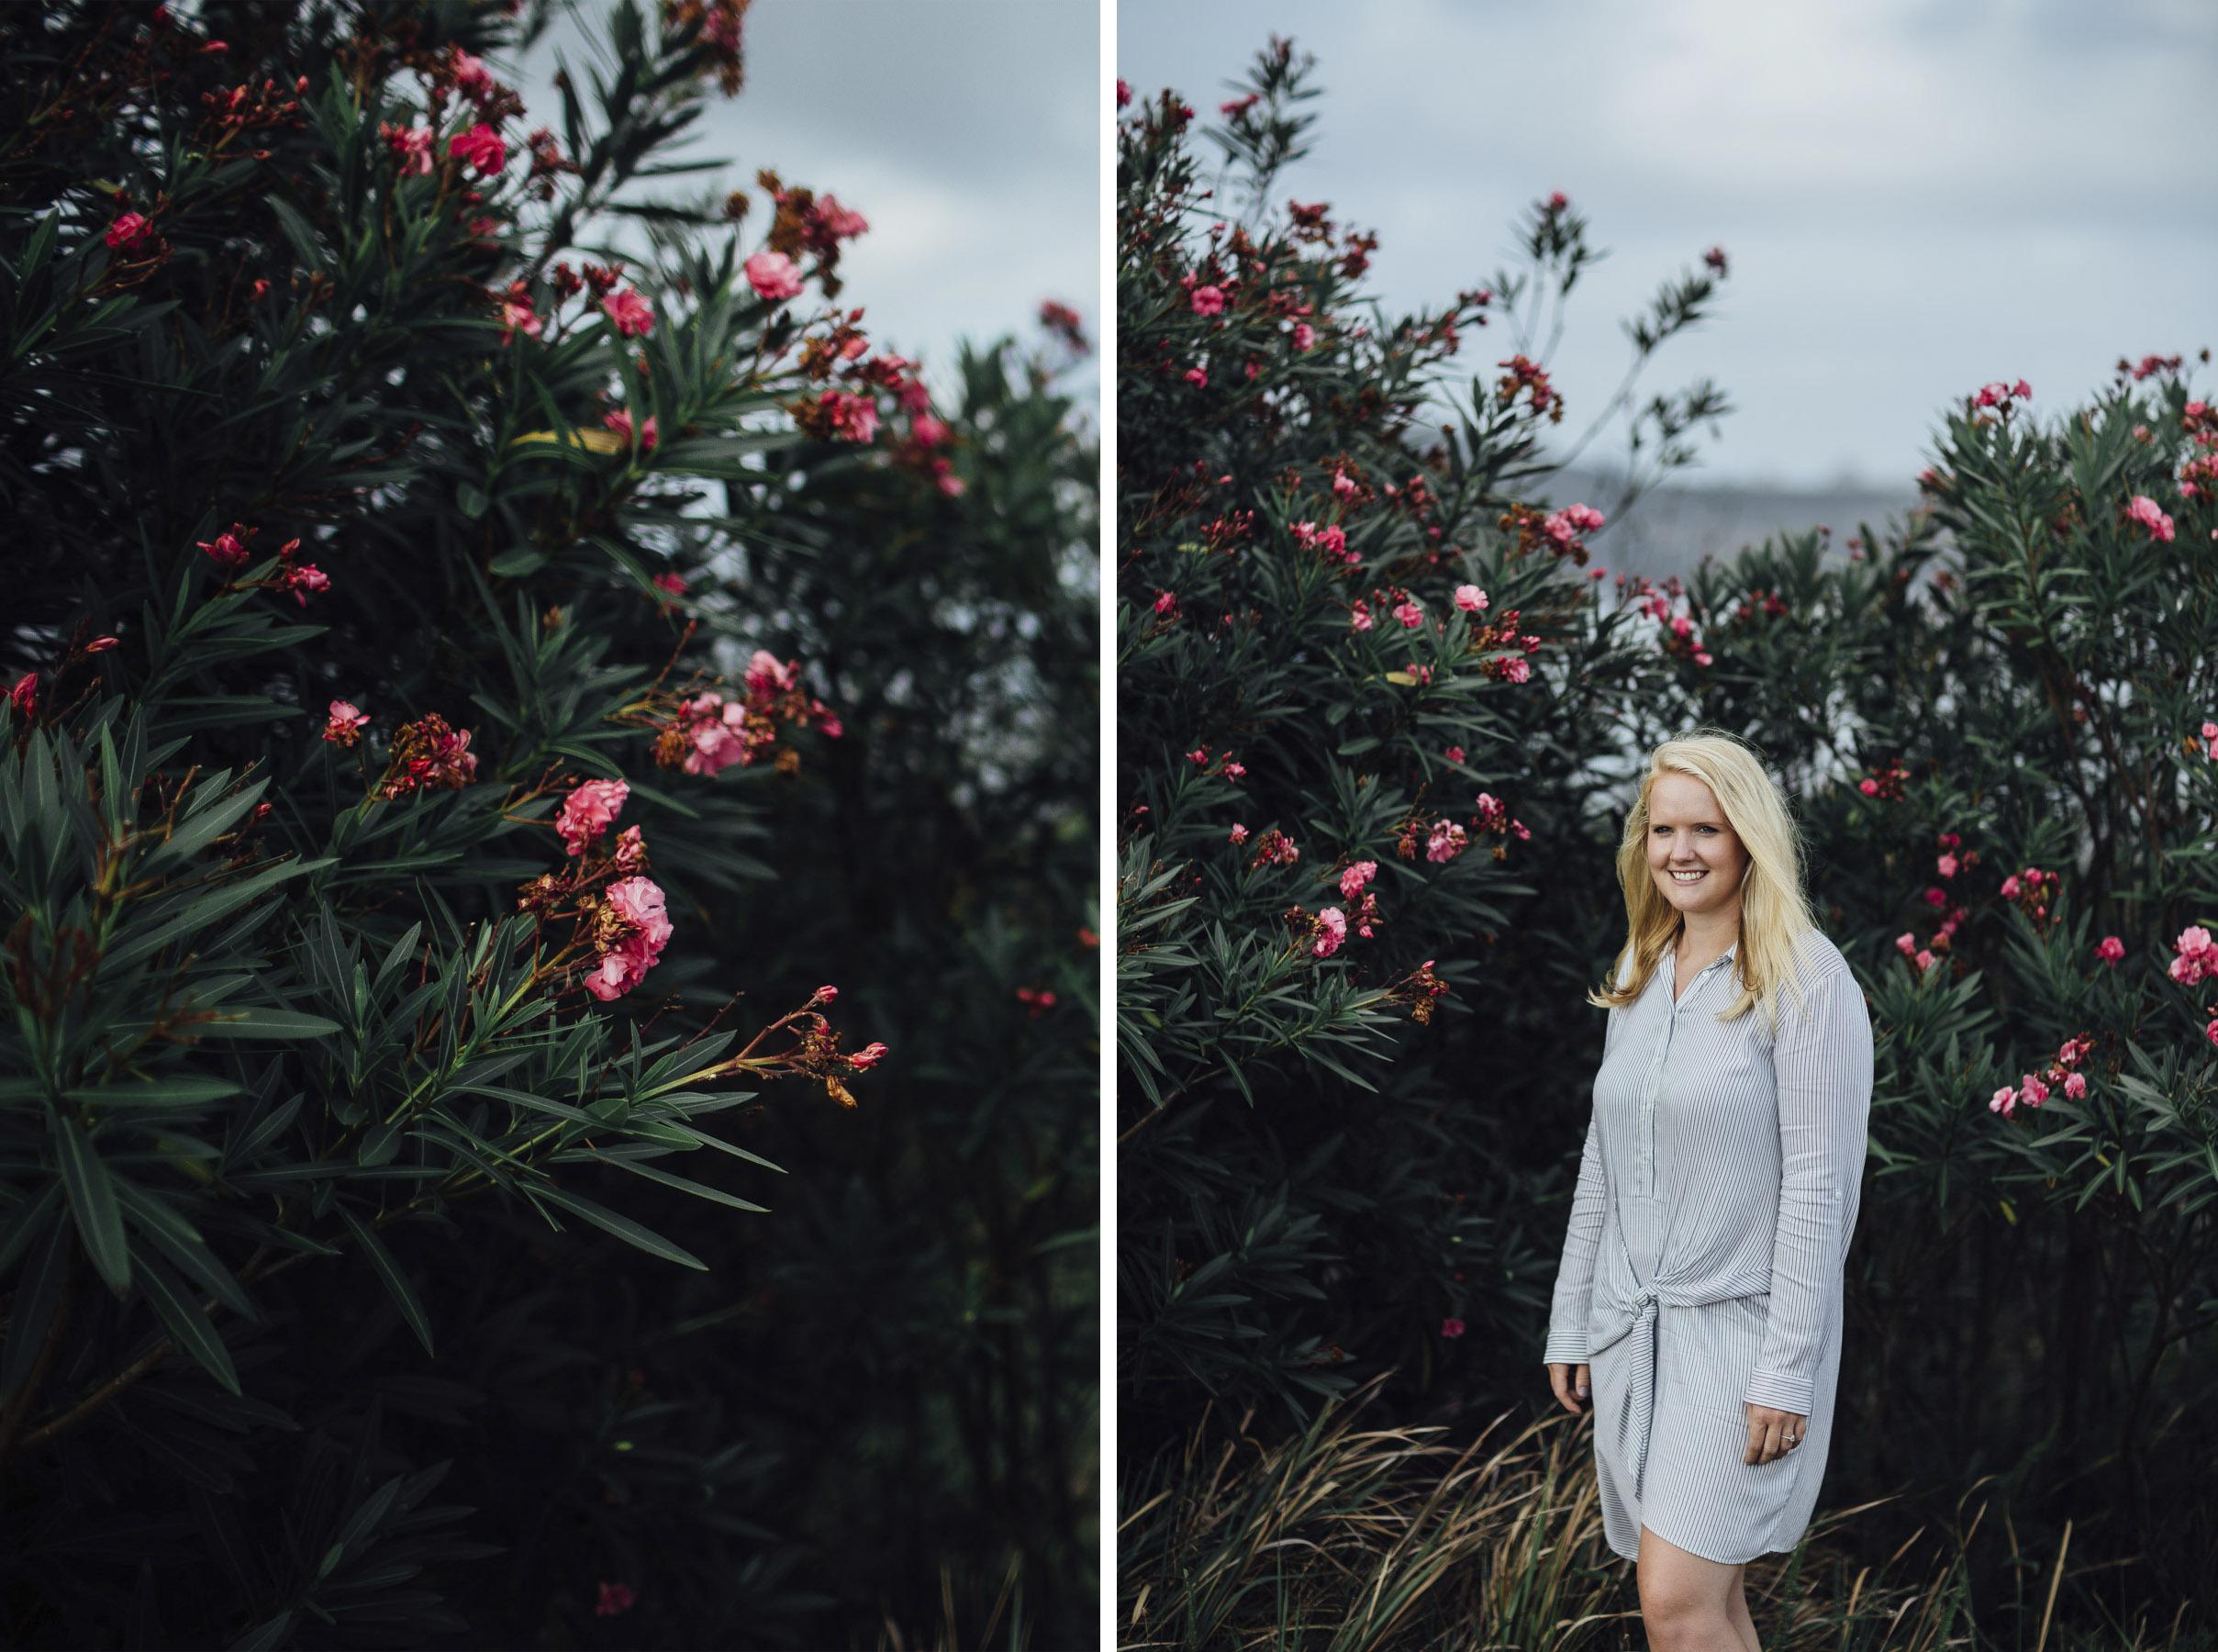 kayla-flowers-engagement